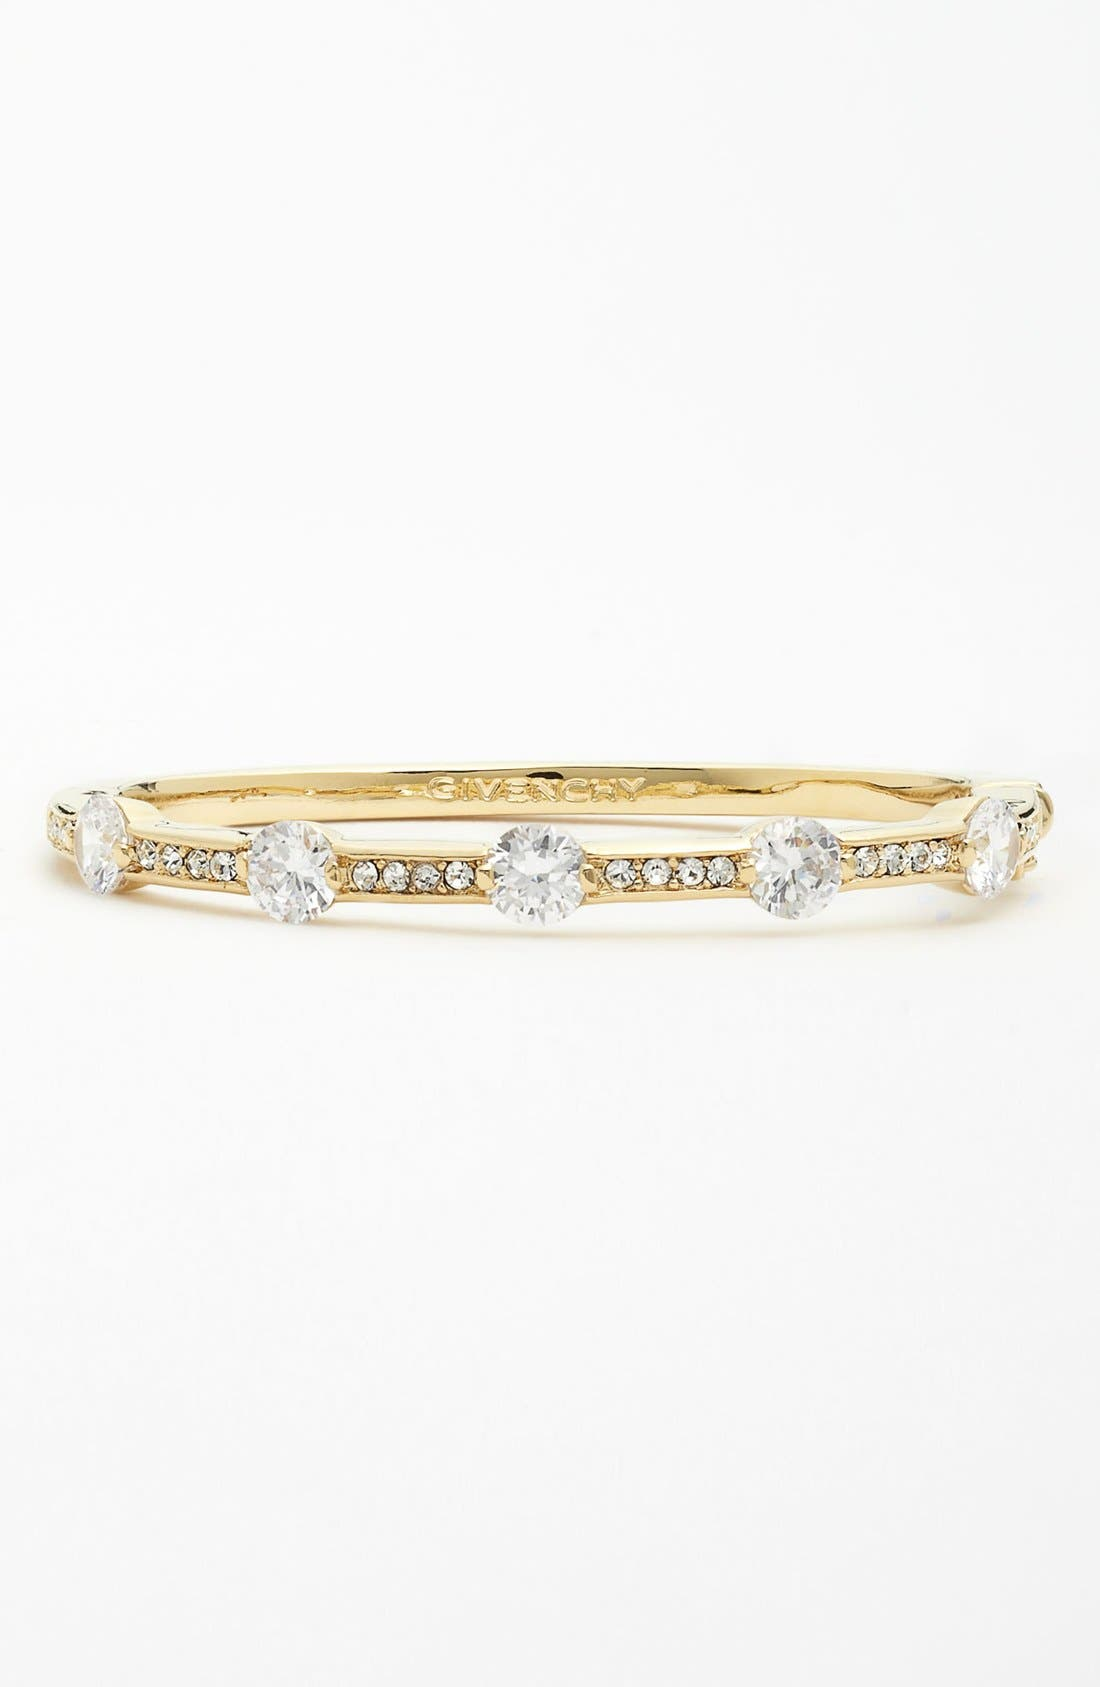 Main Image - Givenchy Crystal Hinged Bangle